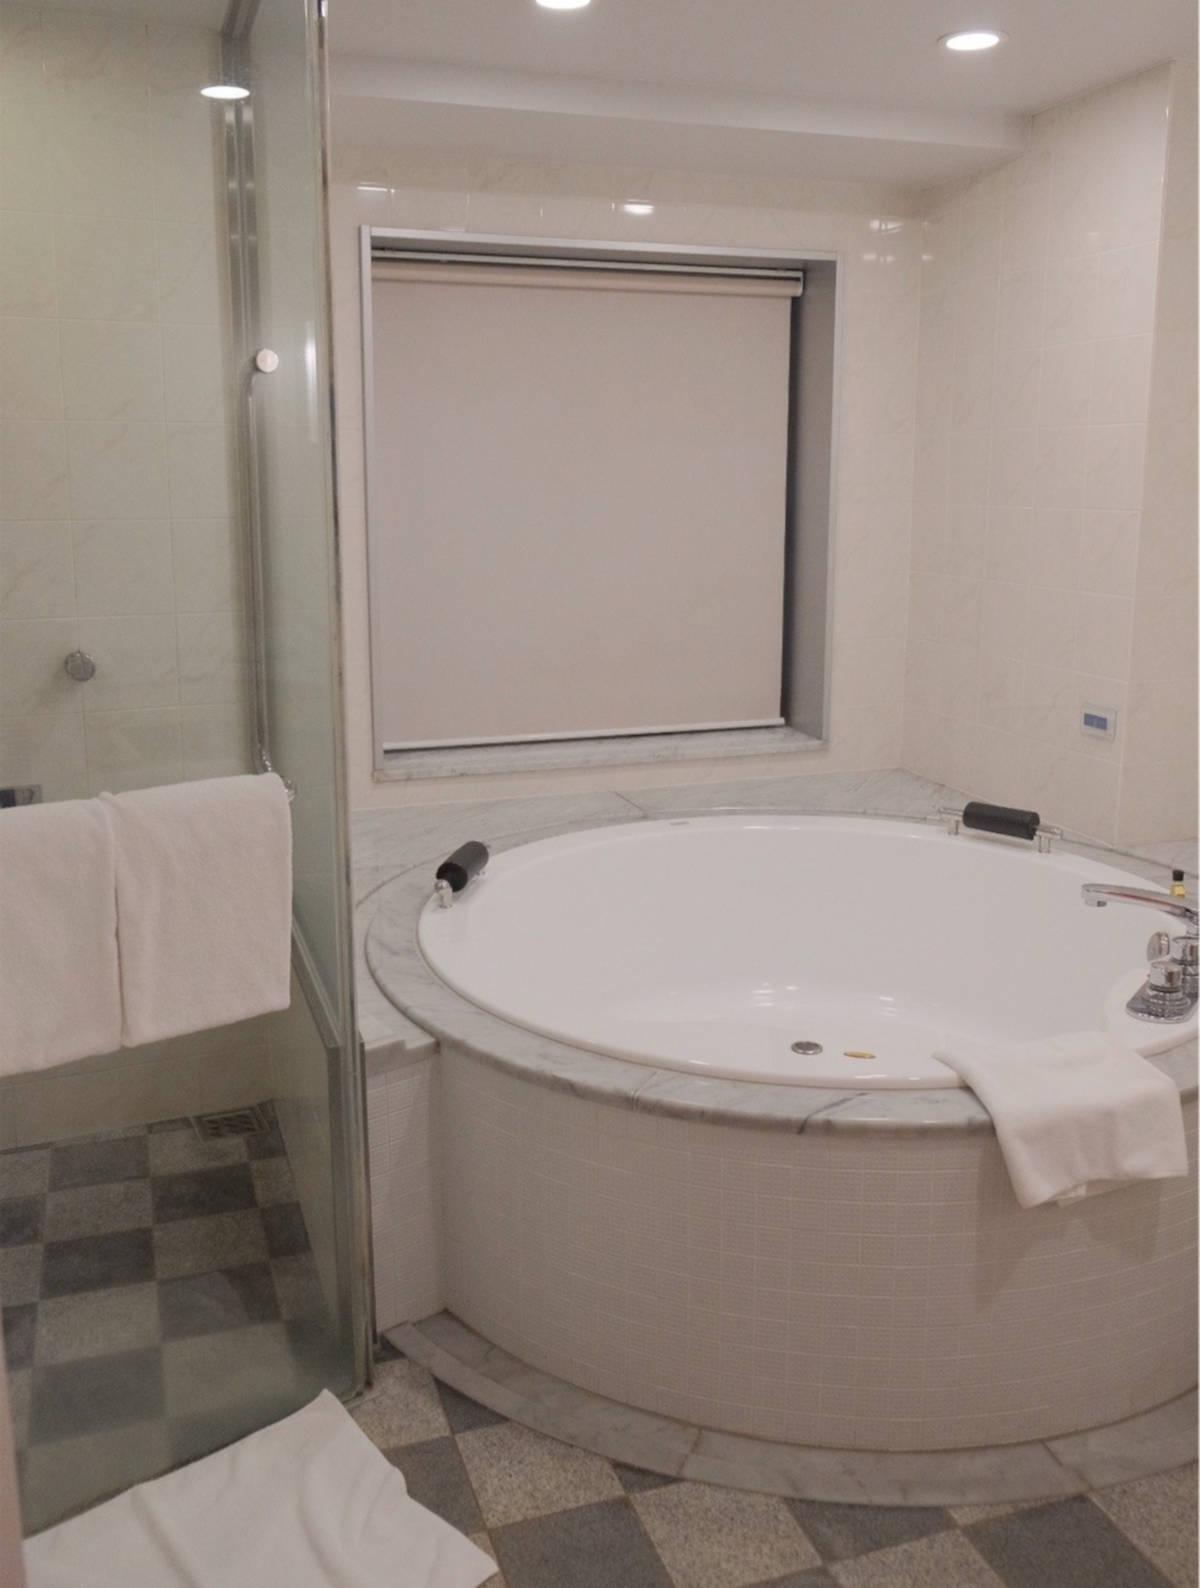 ホテルエミオン 風呂